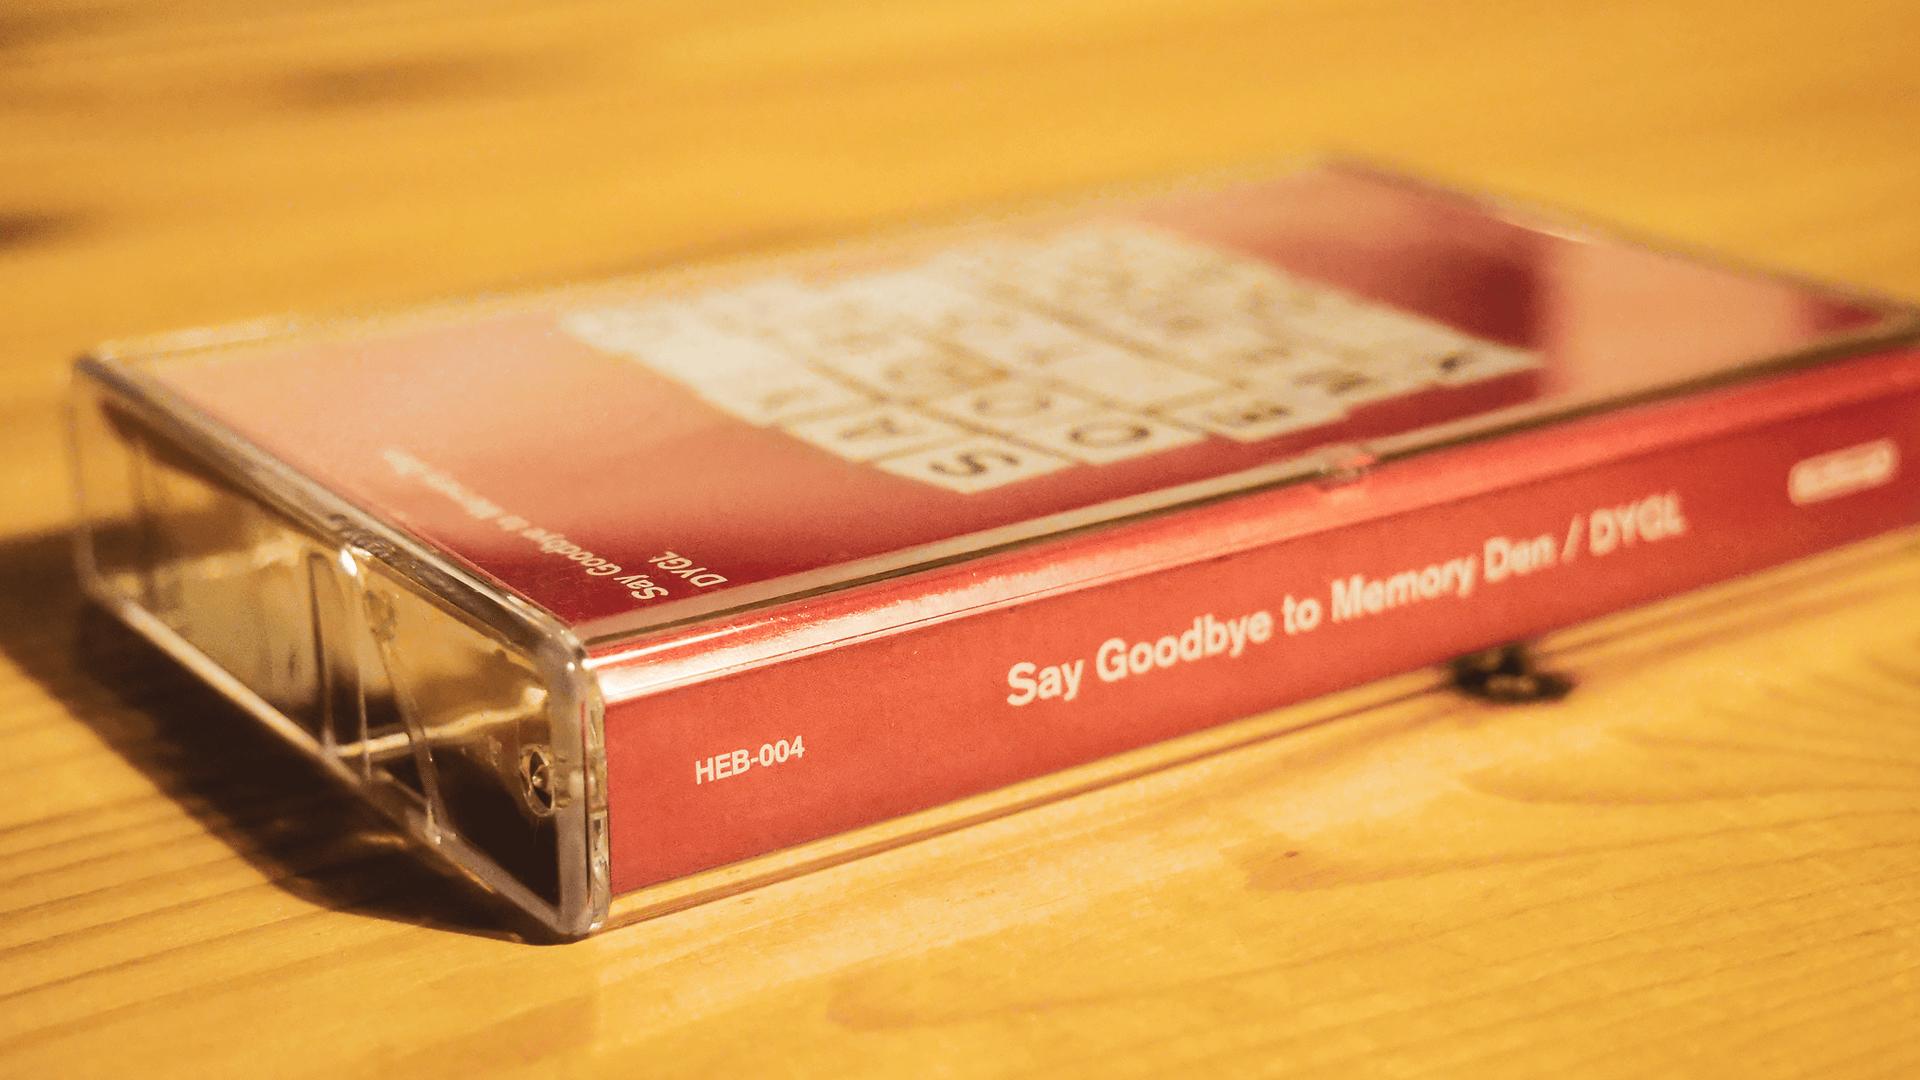 Say Goodbye to Memory Denのジャケット写真その2